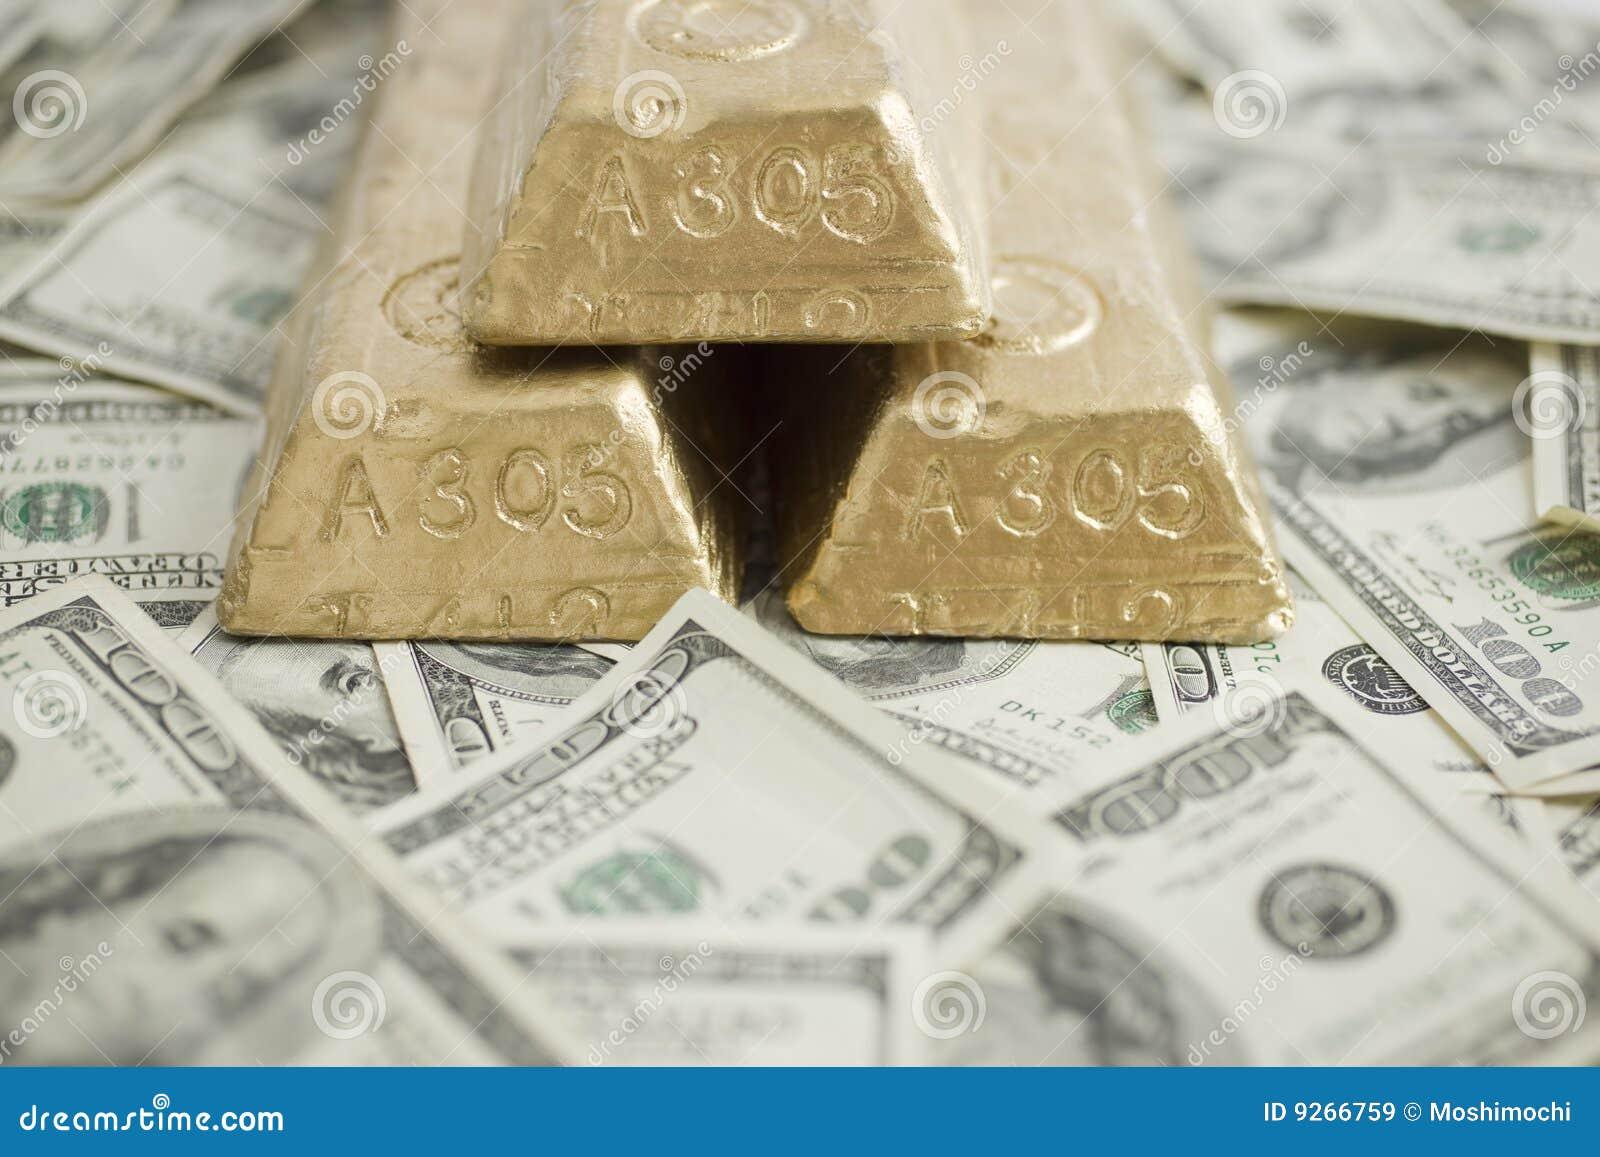 Cuentas y barras de oro